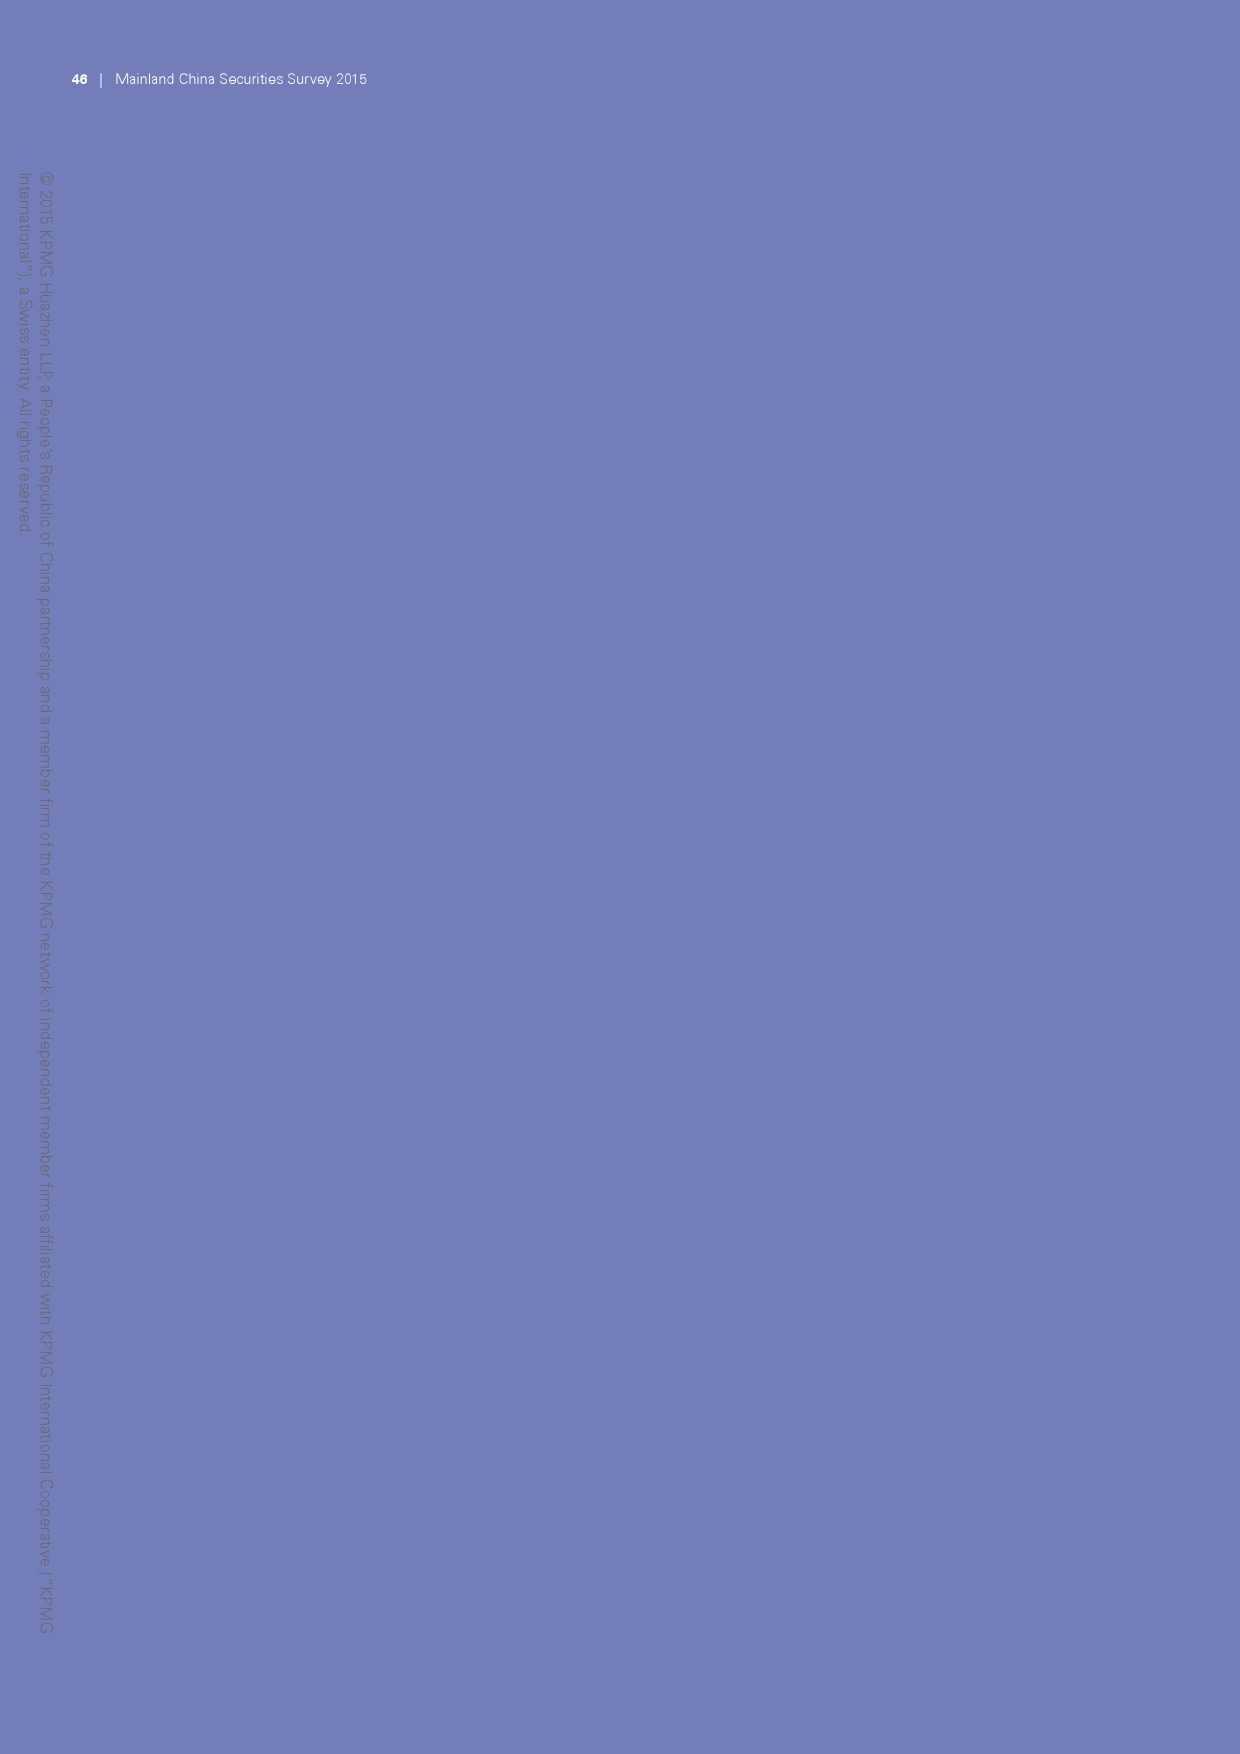 毕马威:2015年中国证券业调查报告_000048